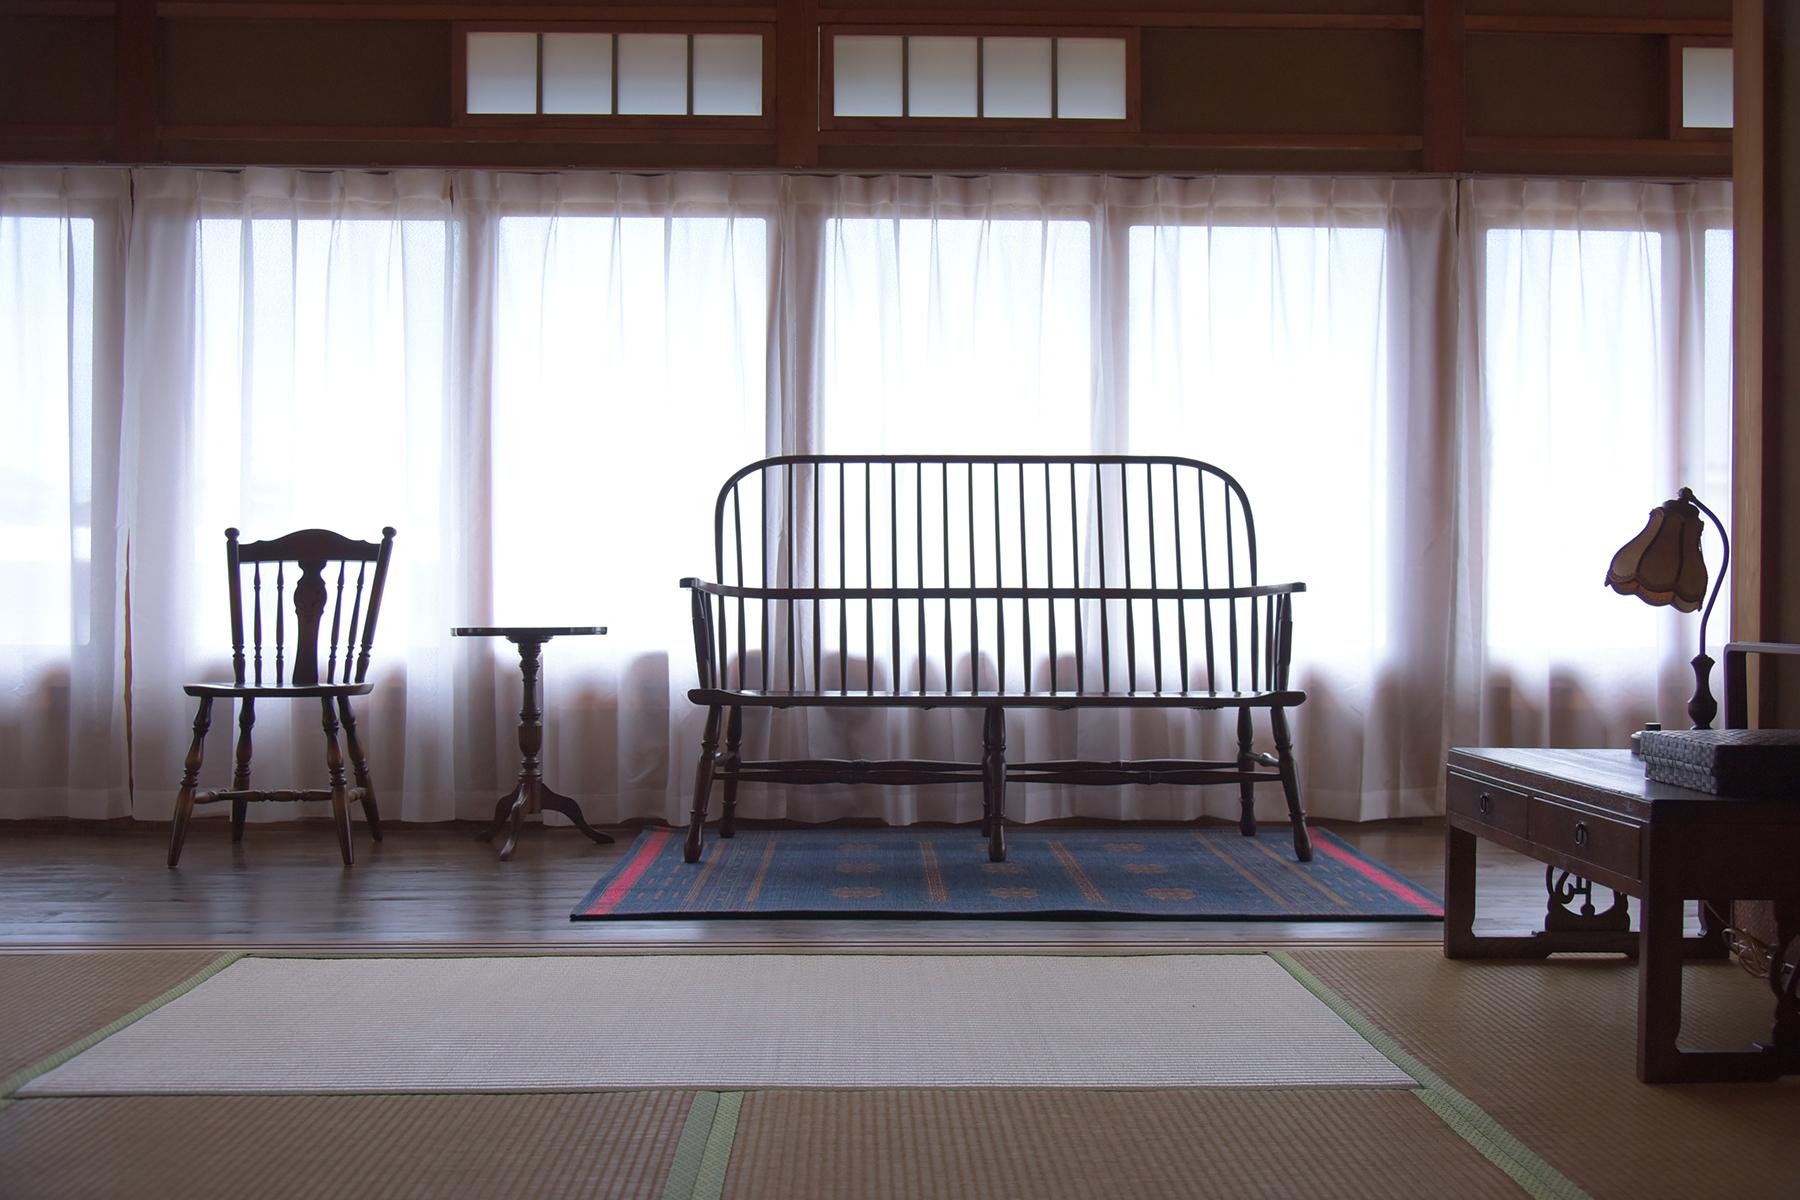 佐倉スタジオ (サクラ スタジオ)玄関